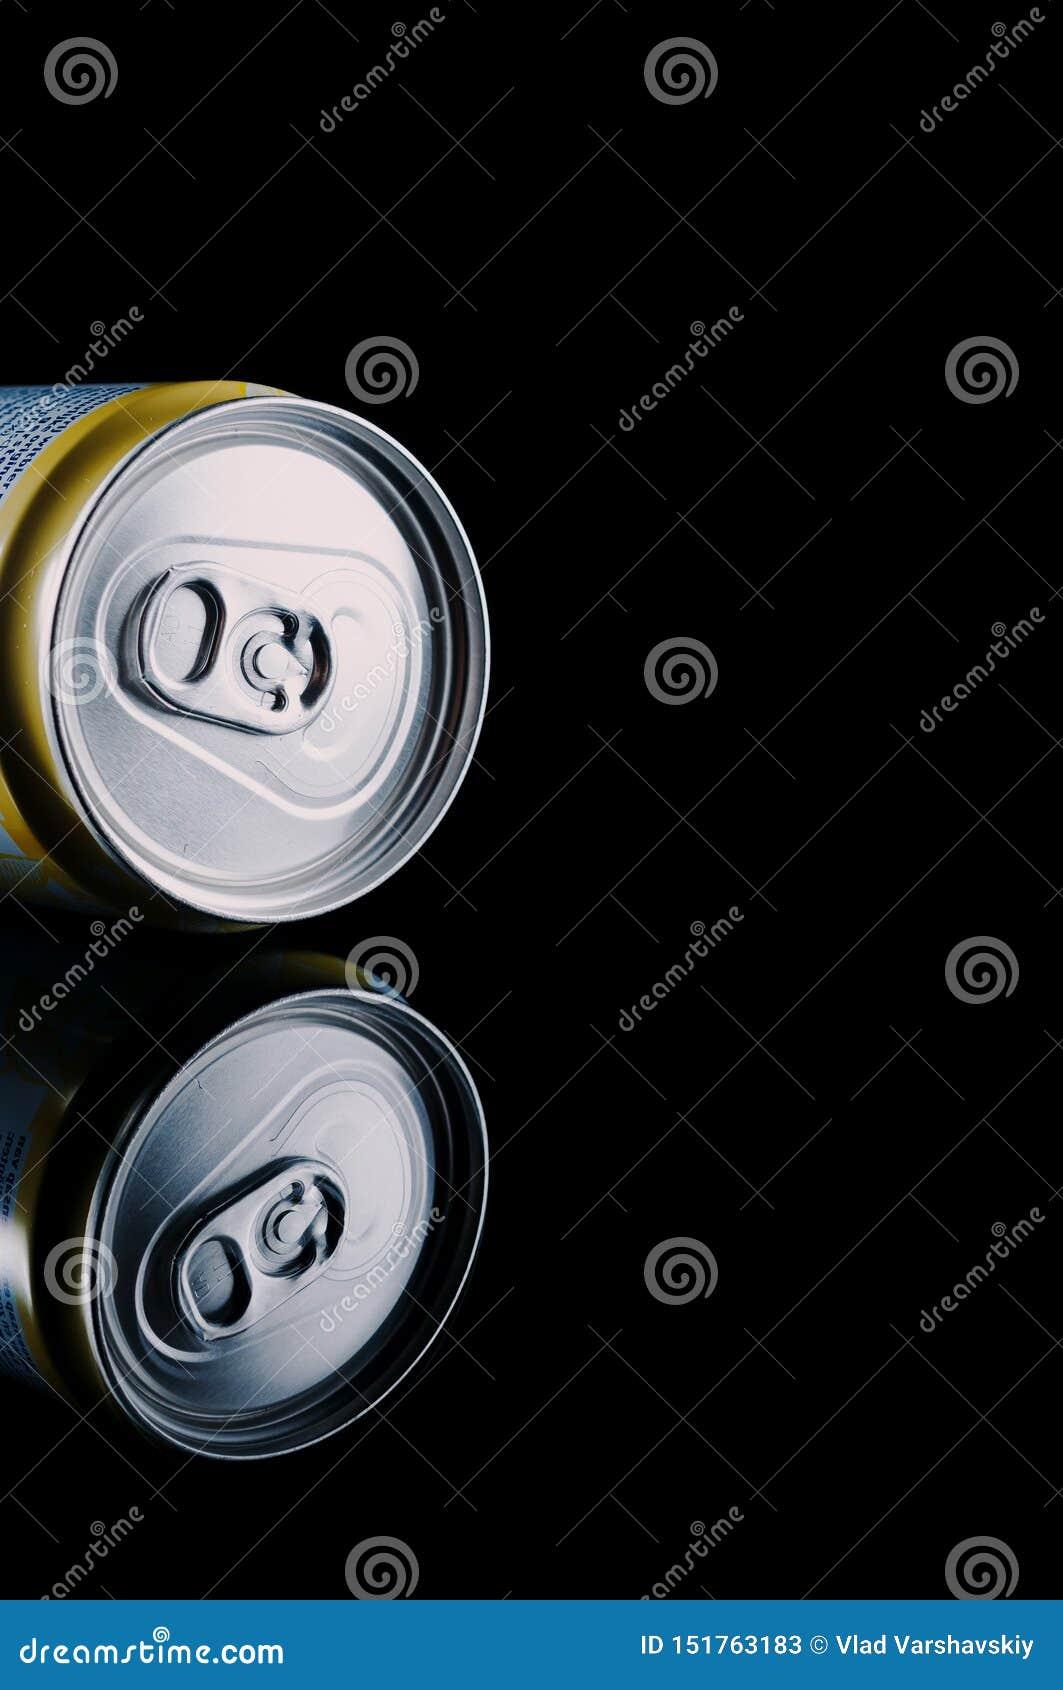 Kiev, Ucrania - 16 de marzo de 2019: La bebida sin alcohol hoegaarden la fruta cítrica en una lata de cerveza con la reflexión en